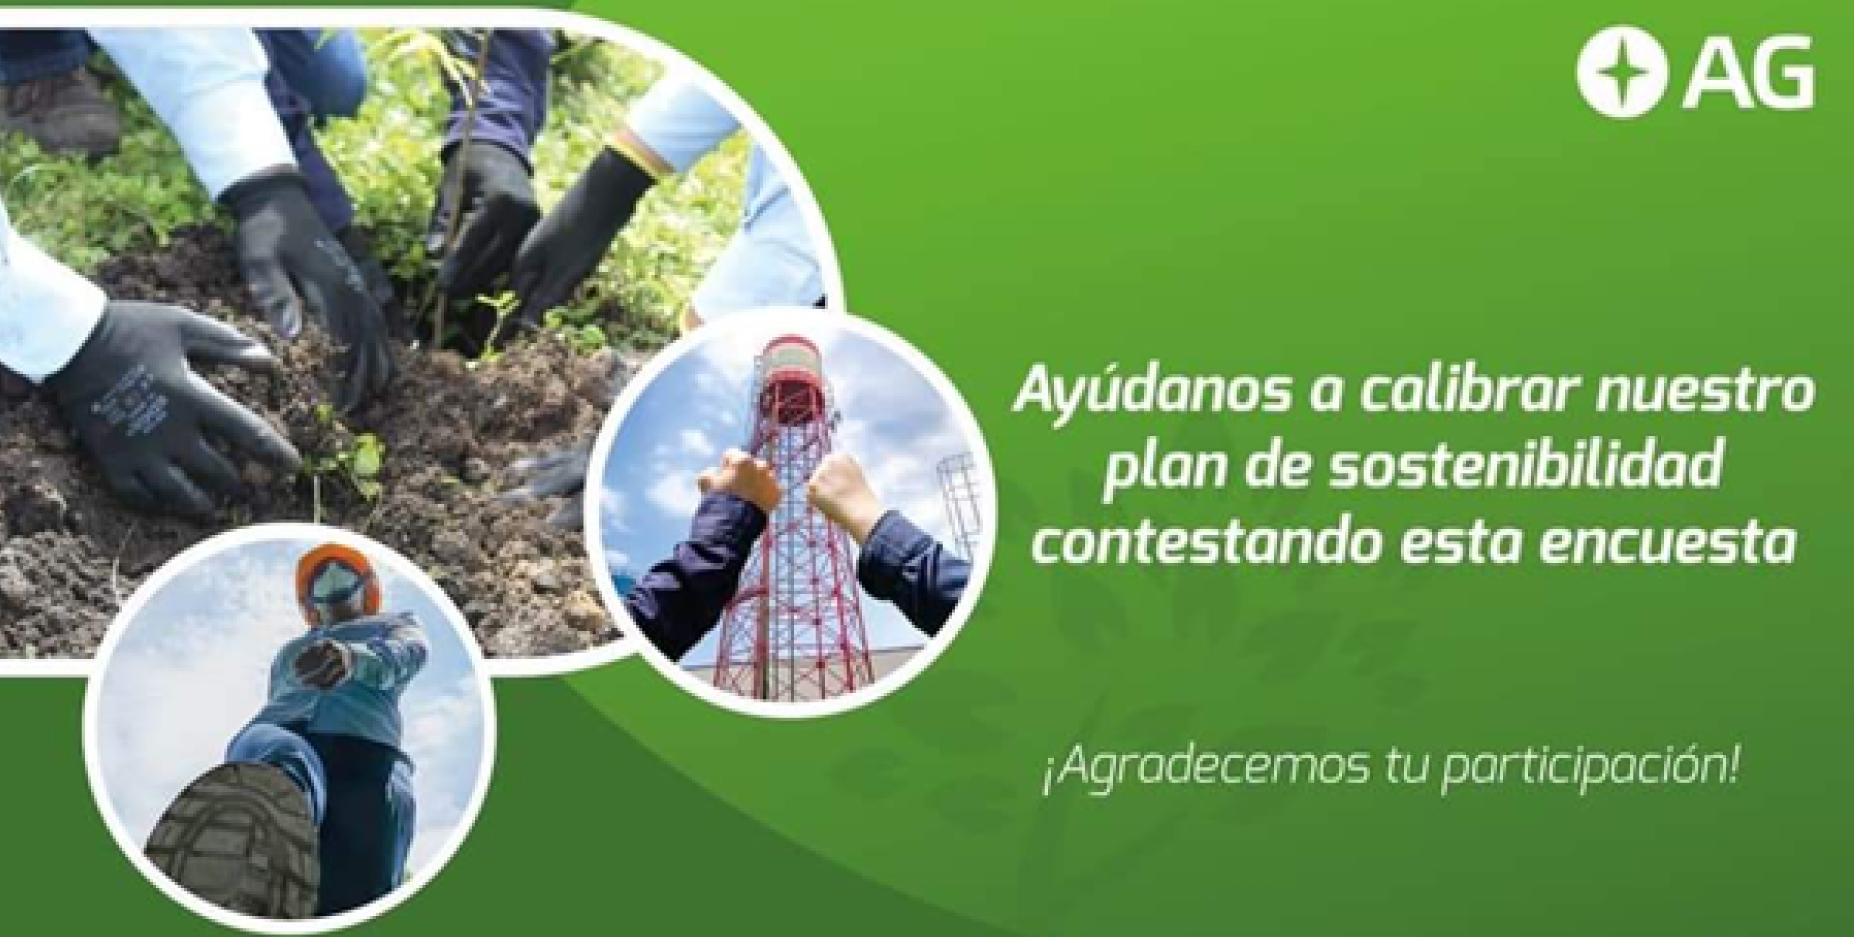 Corporación AG: Ayúdanos a calibrar nuestro plan de sostenibilidad